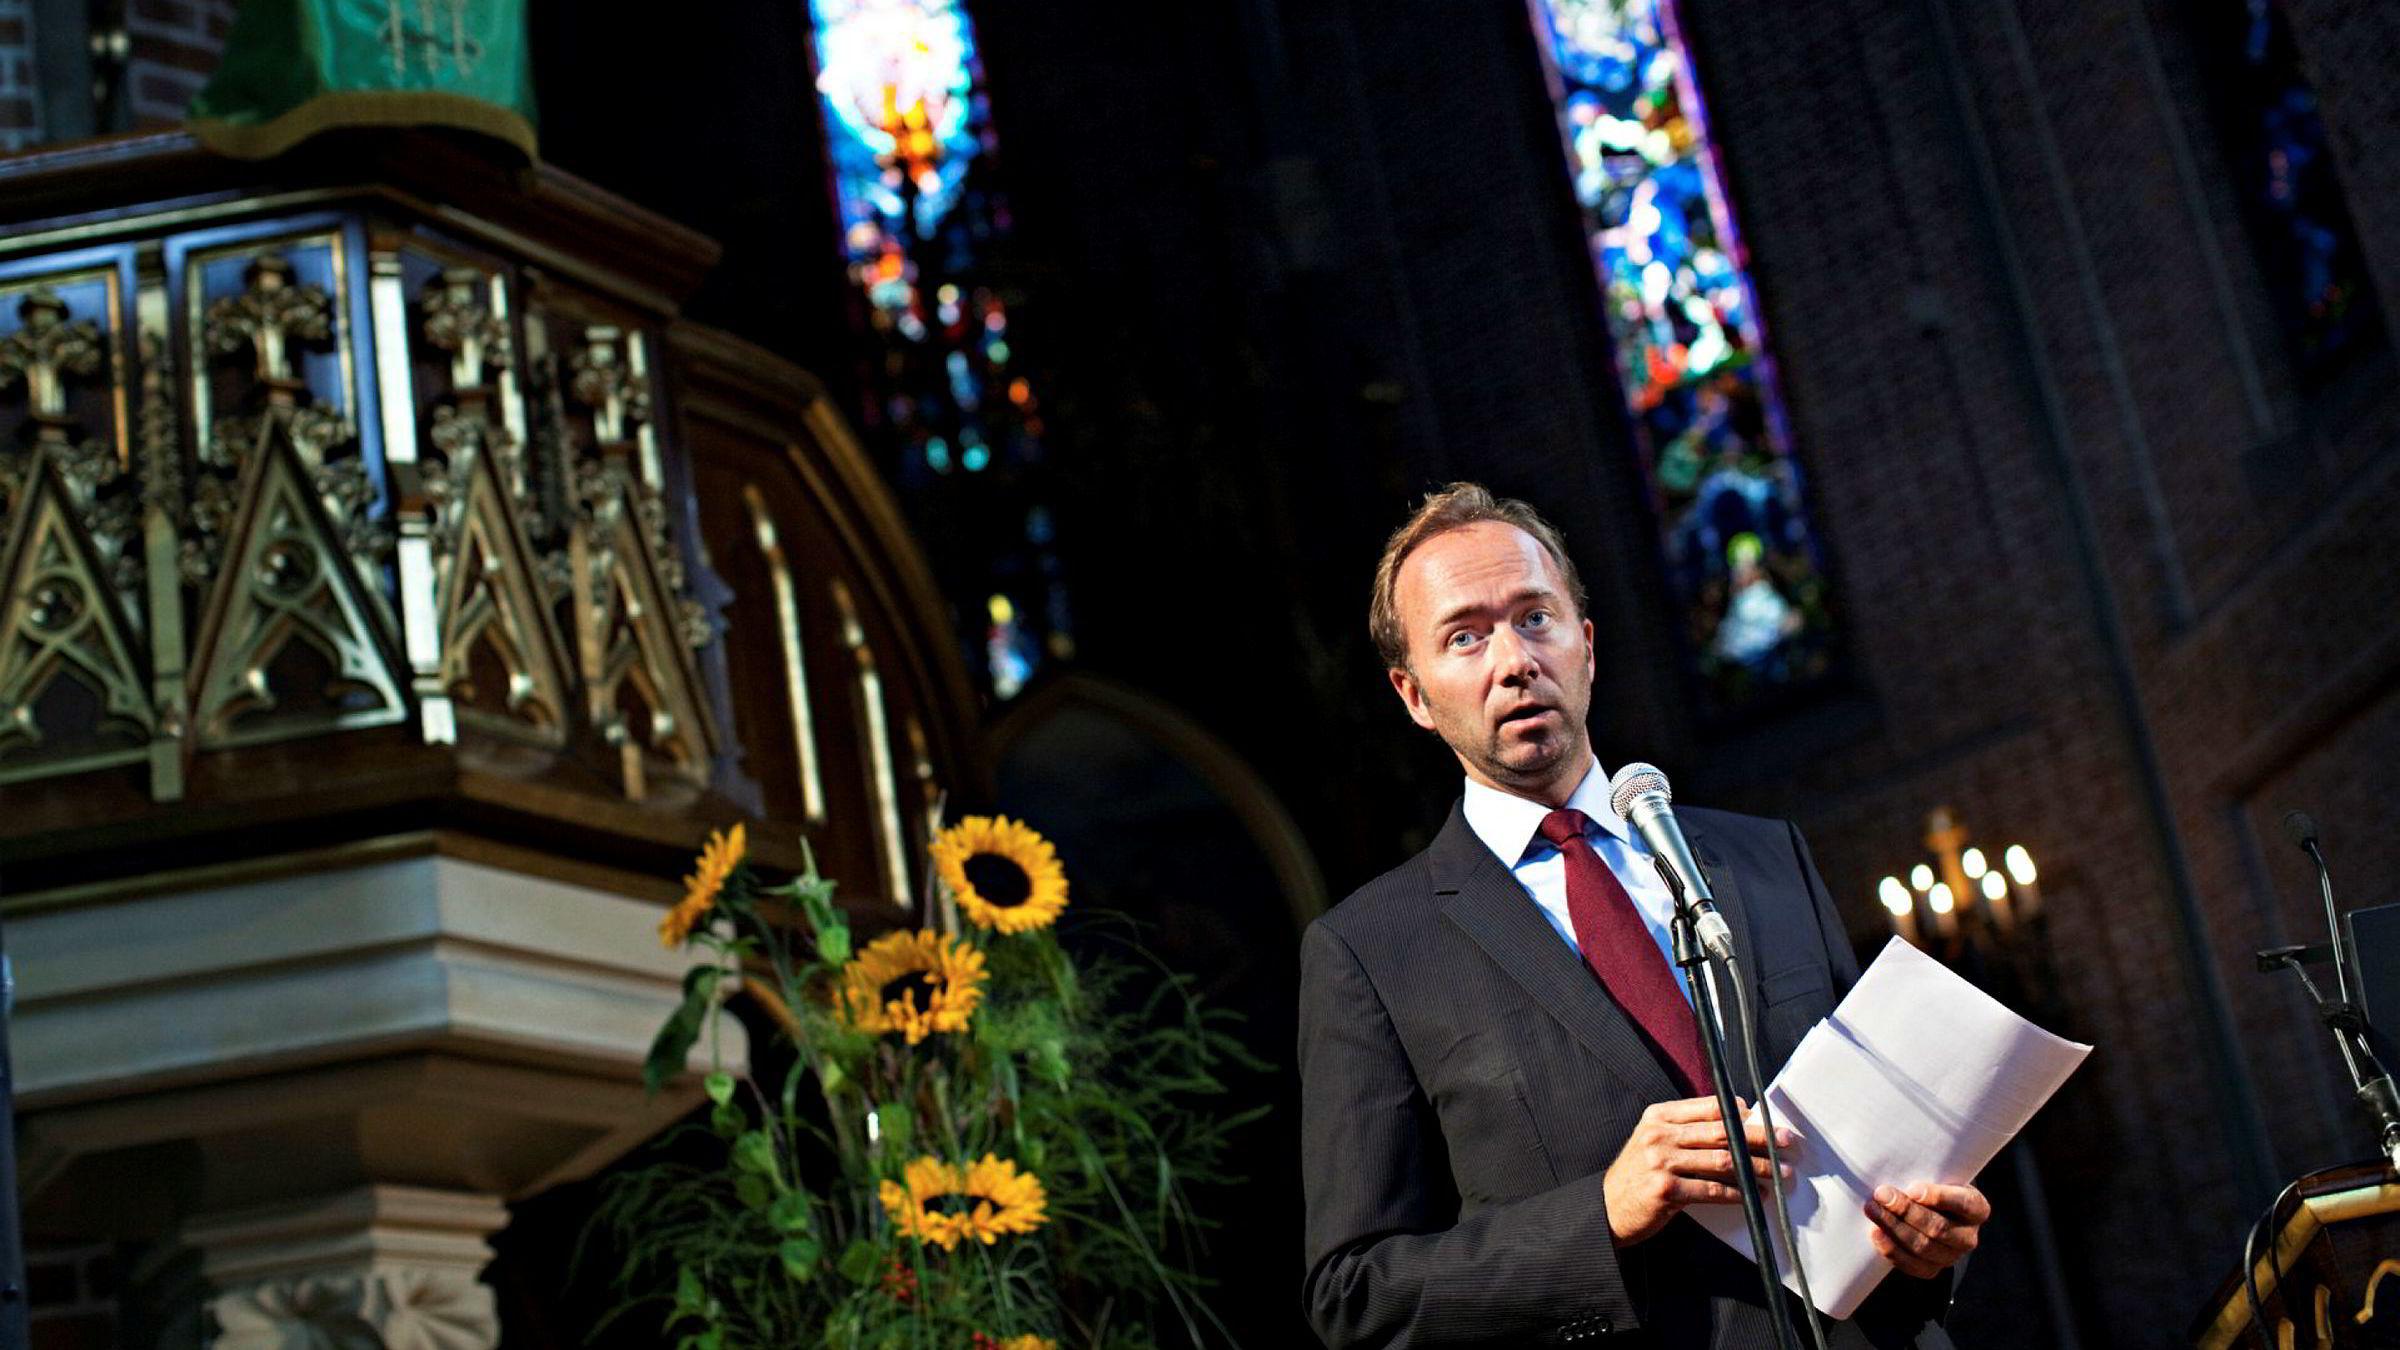 Trond Giske var Kirke- og kulturminister fra 2005 til 2009. Her fra en pressekonferanse i Trefoldighetskirken i 2009.